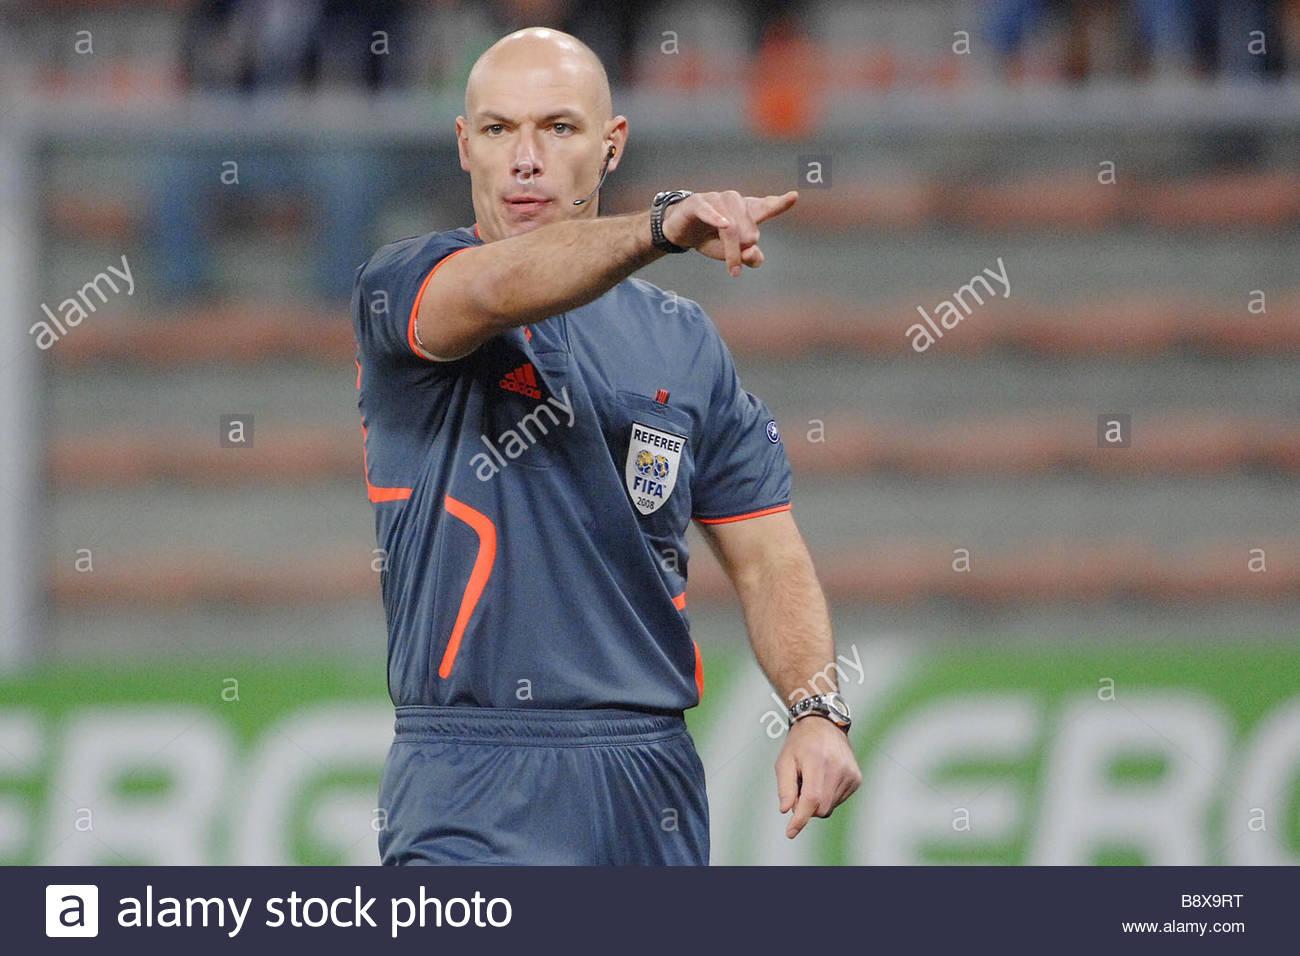 L'arbitre Howard Webb'genova 18-12-2008 'foot Coupe de l'Uefa 2008-2009 ampdoria «-Séville Photo Stock